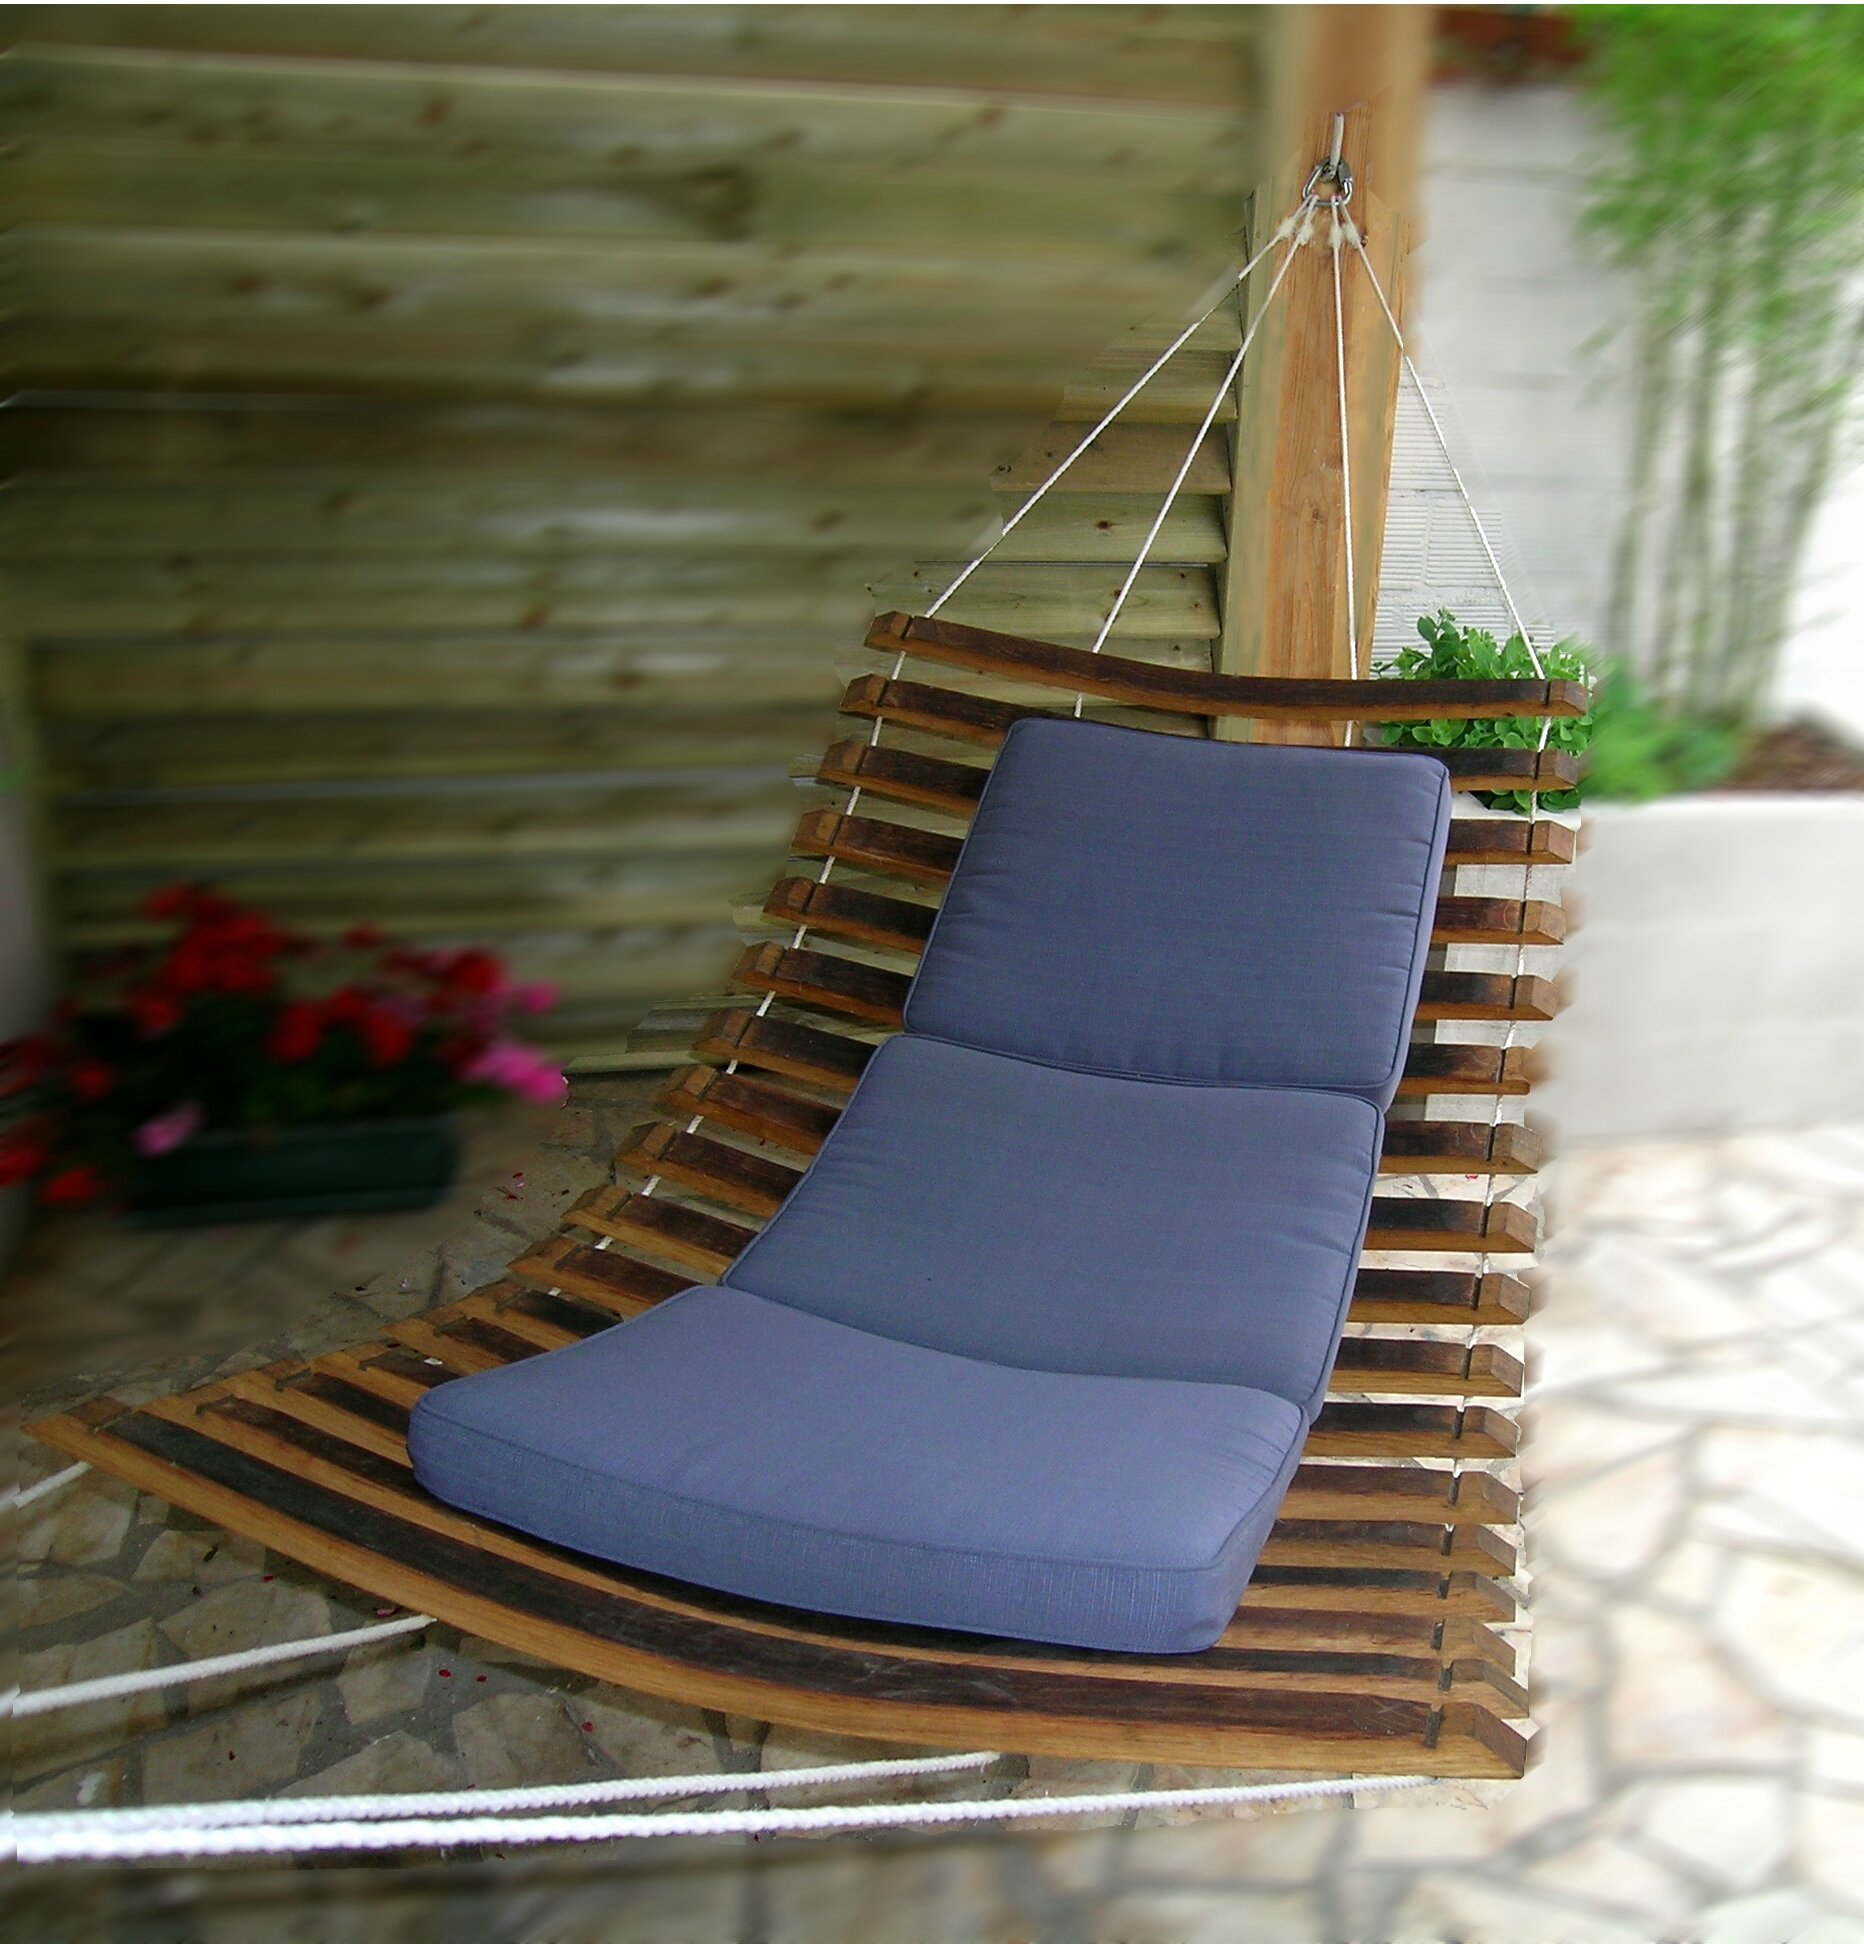 Hamac design en bois r alis en douelles de tonneaux mobilier de jardin douelledereve - Mobilier de jardin bois ...